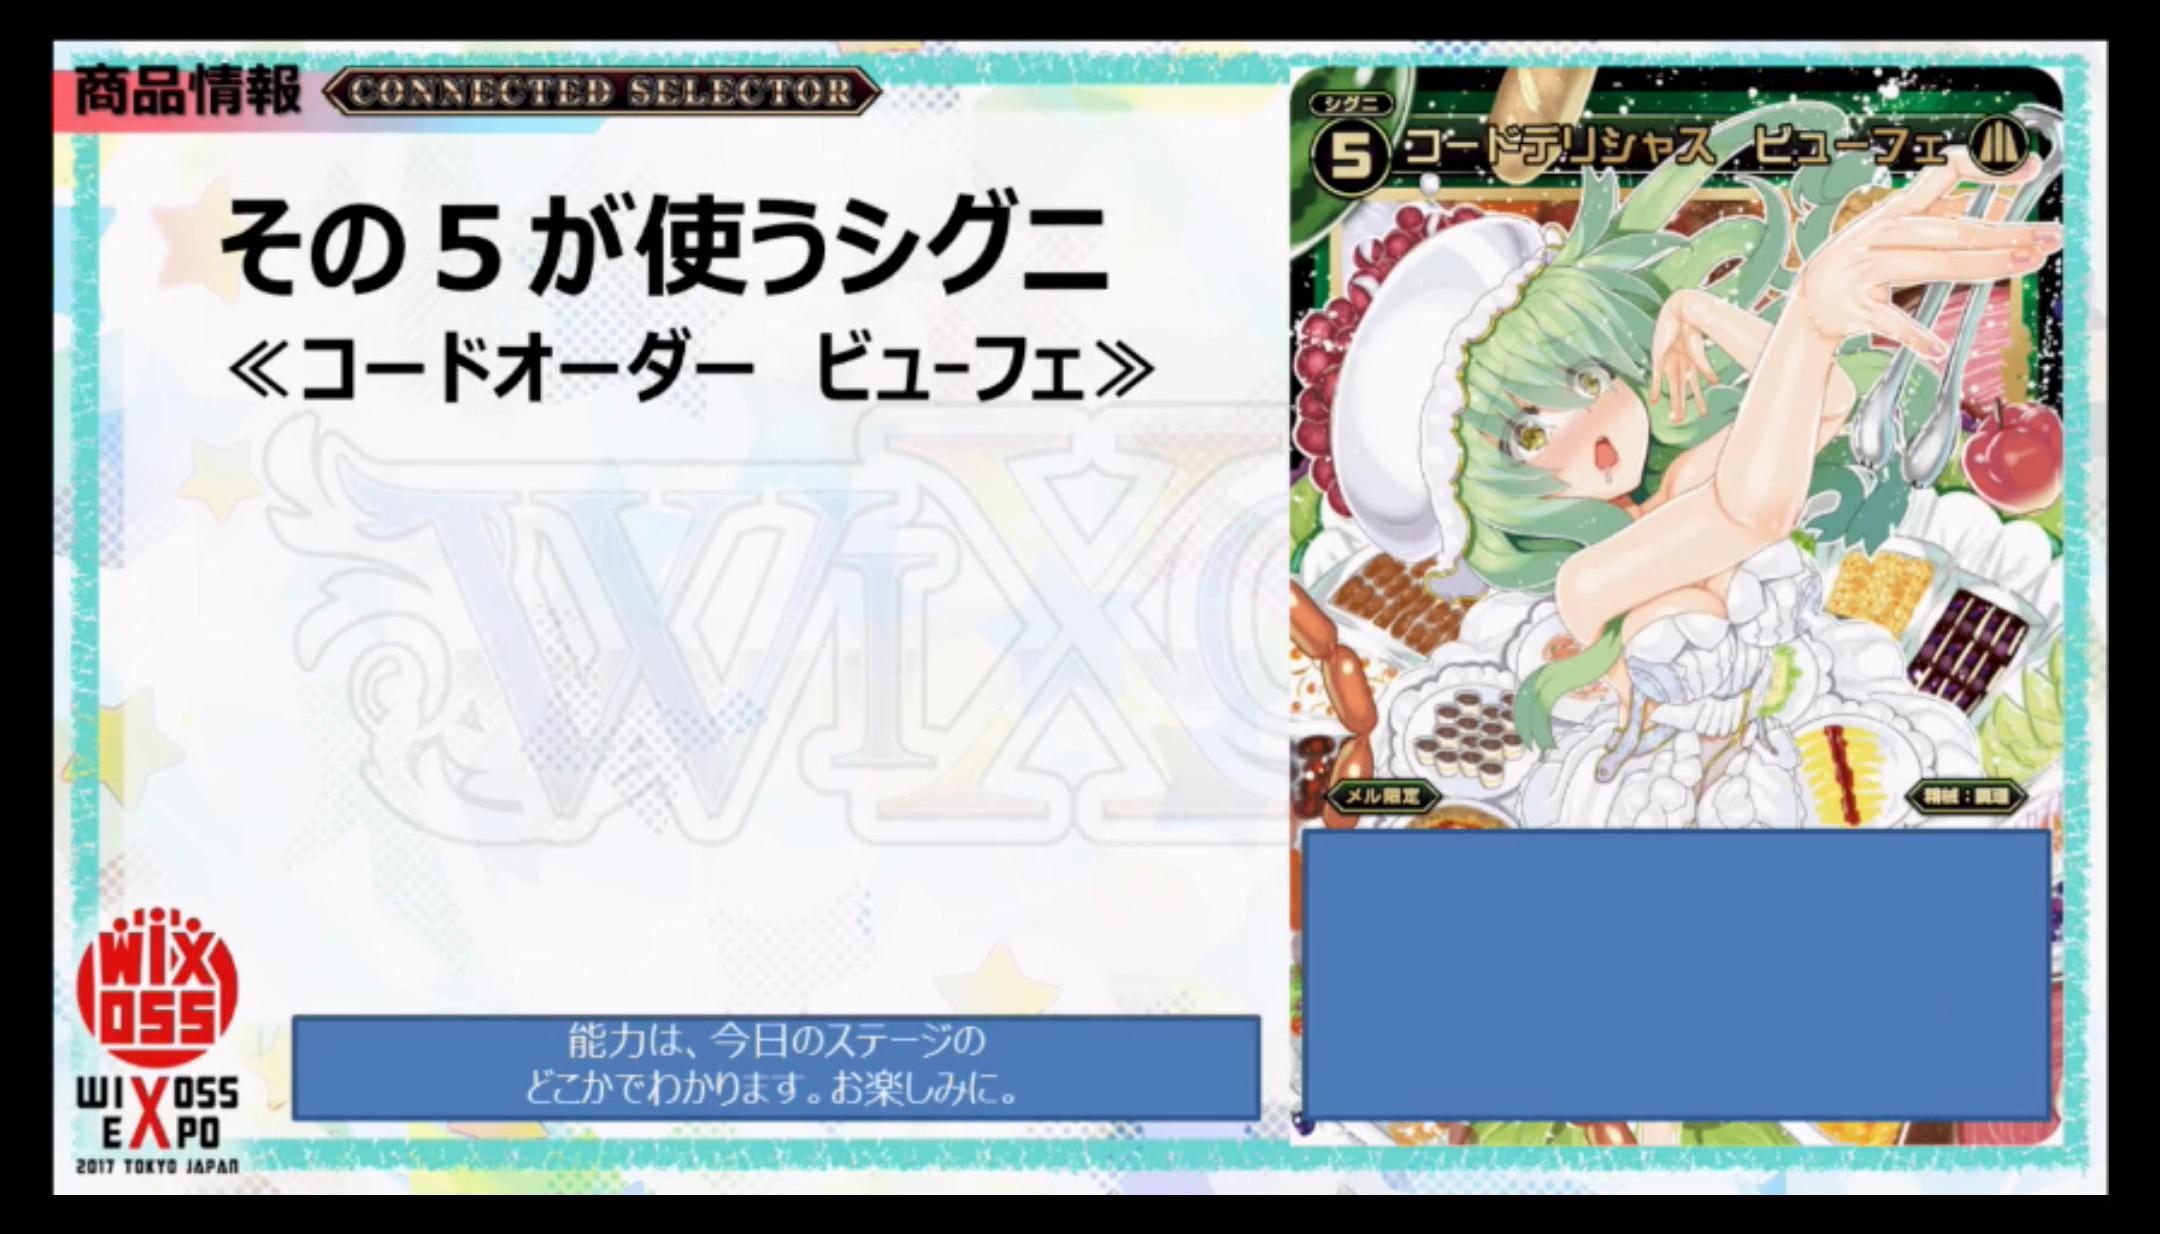 wx-live-170806-003.jpg